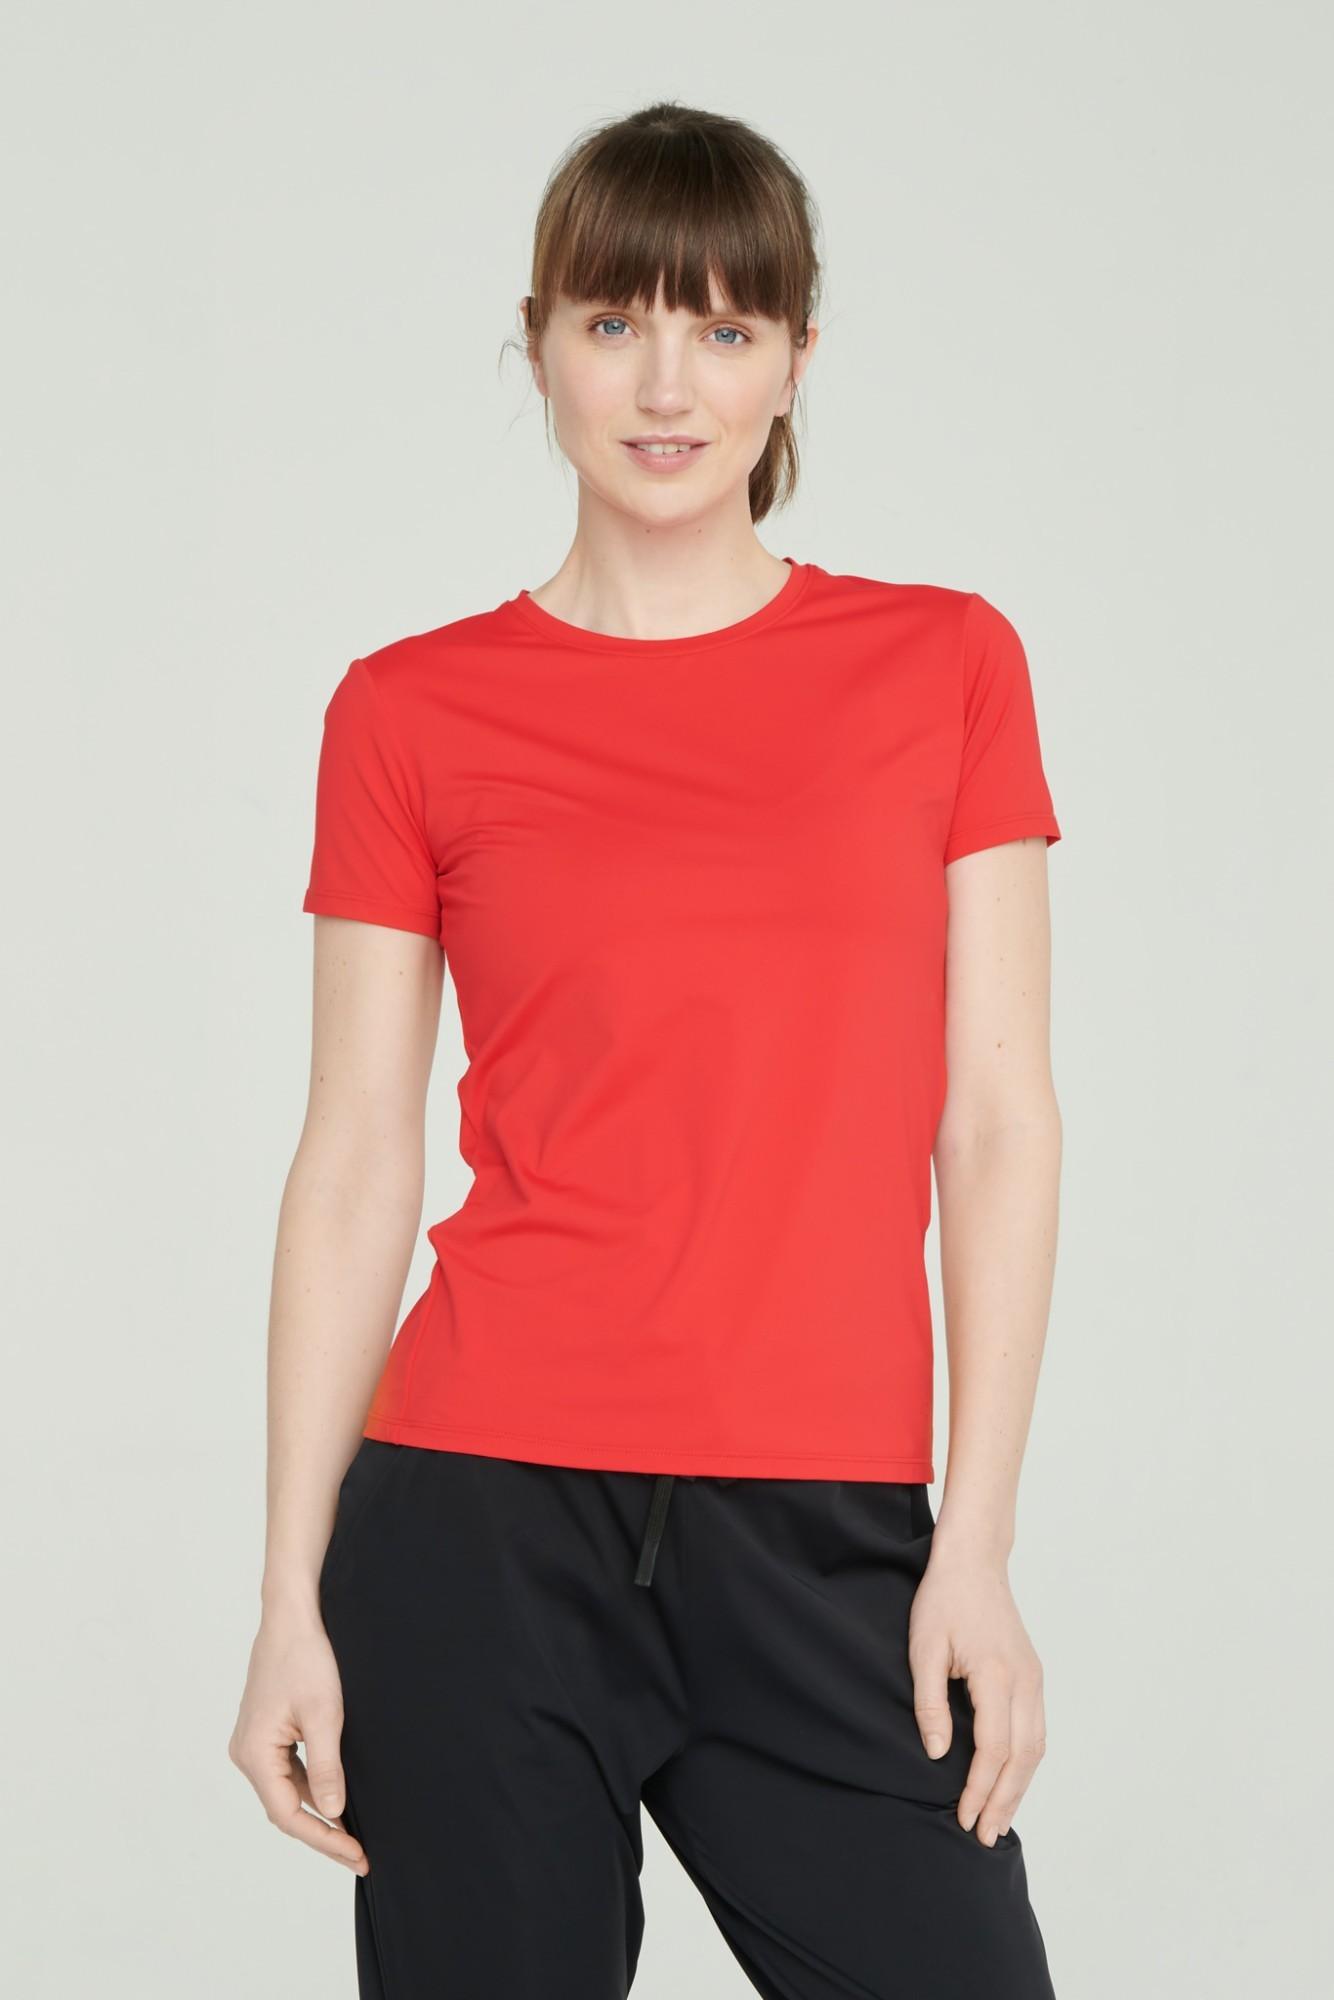 AUDIMAS Apranga Funkcionalūs marškinėliai 1821-227 High Risk Red XL